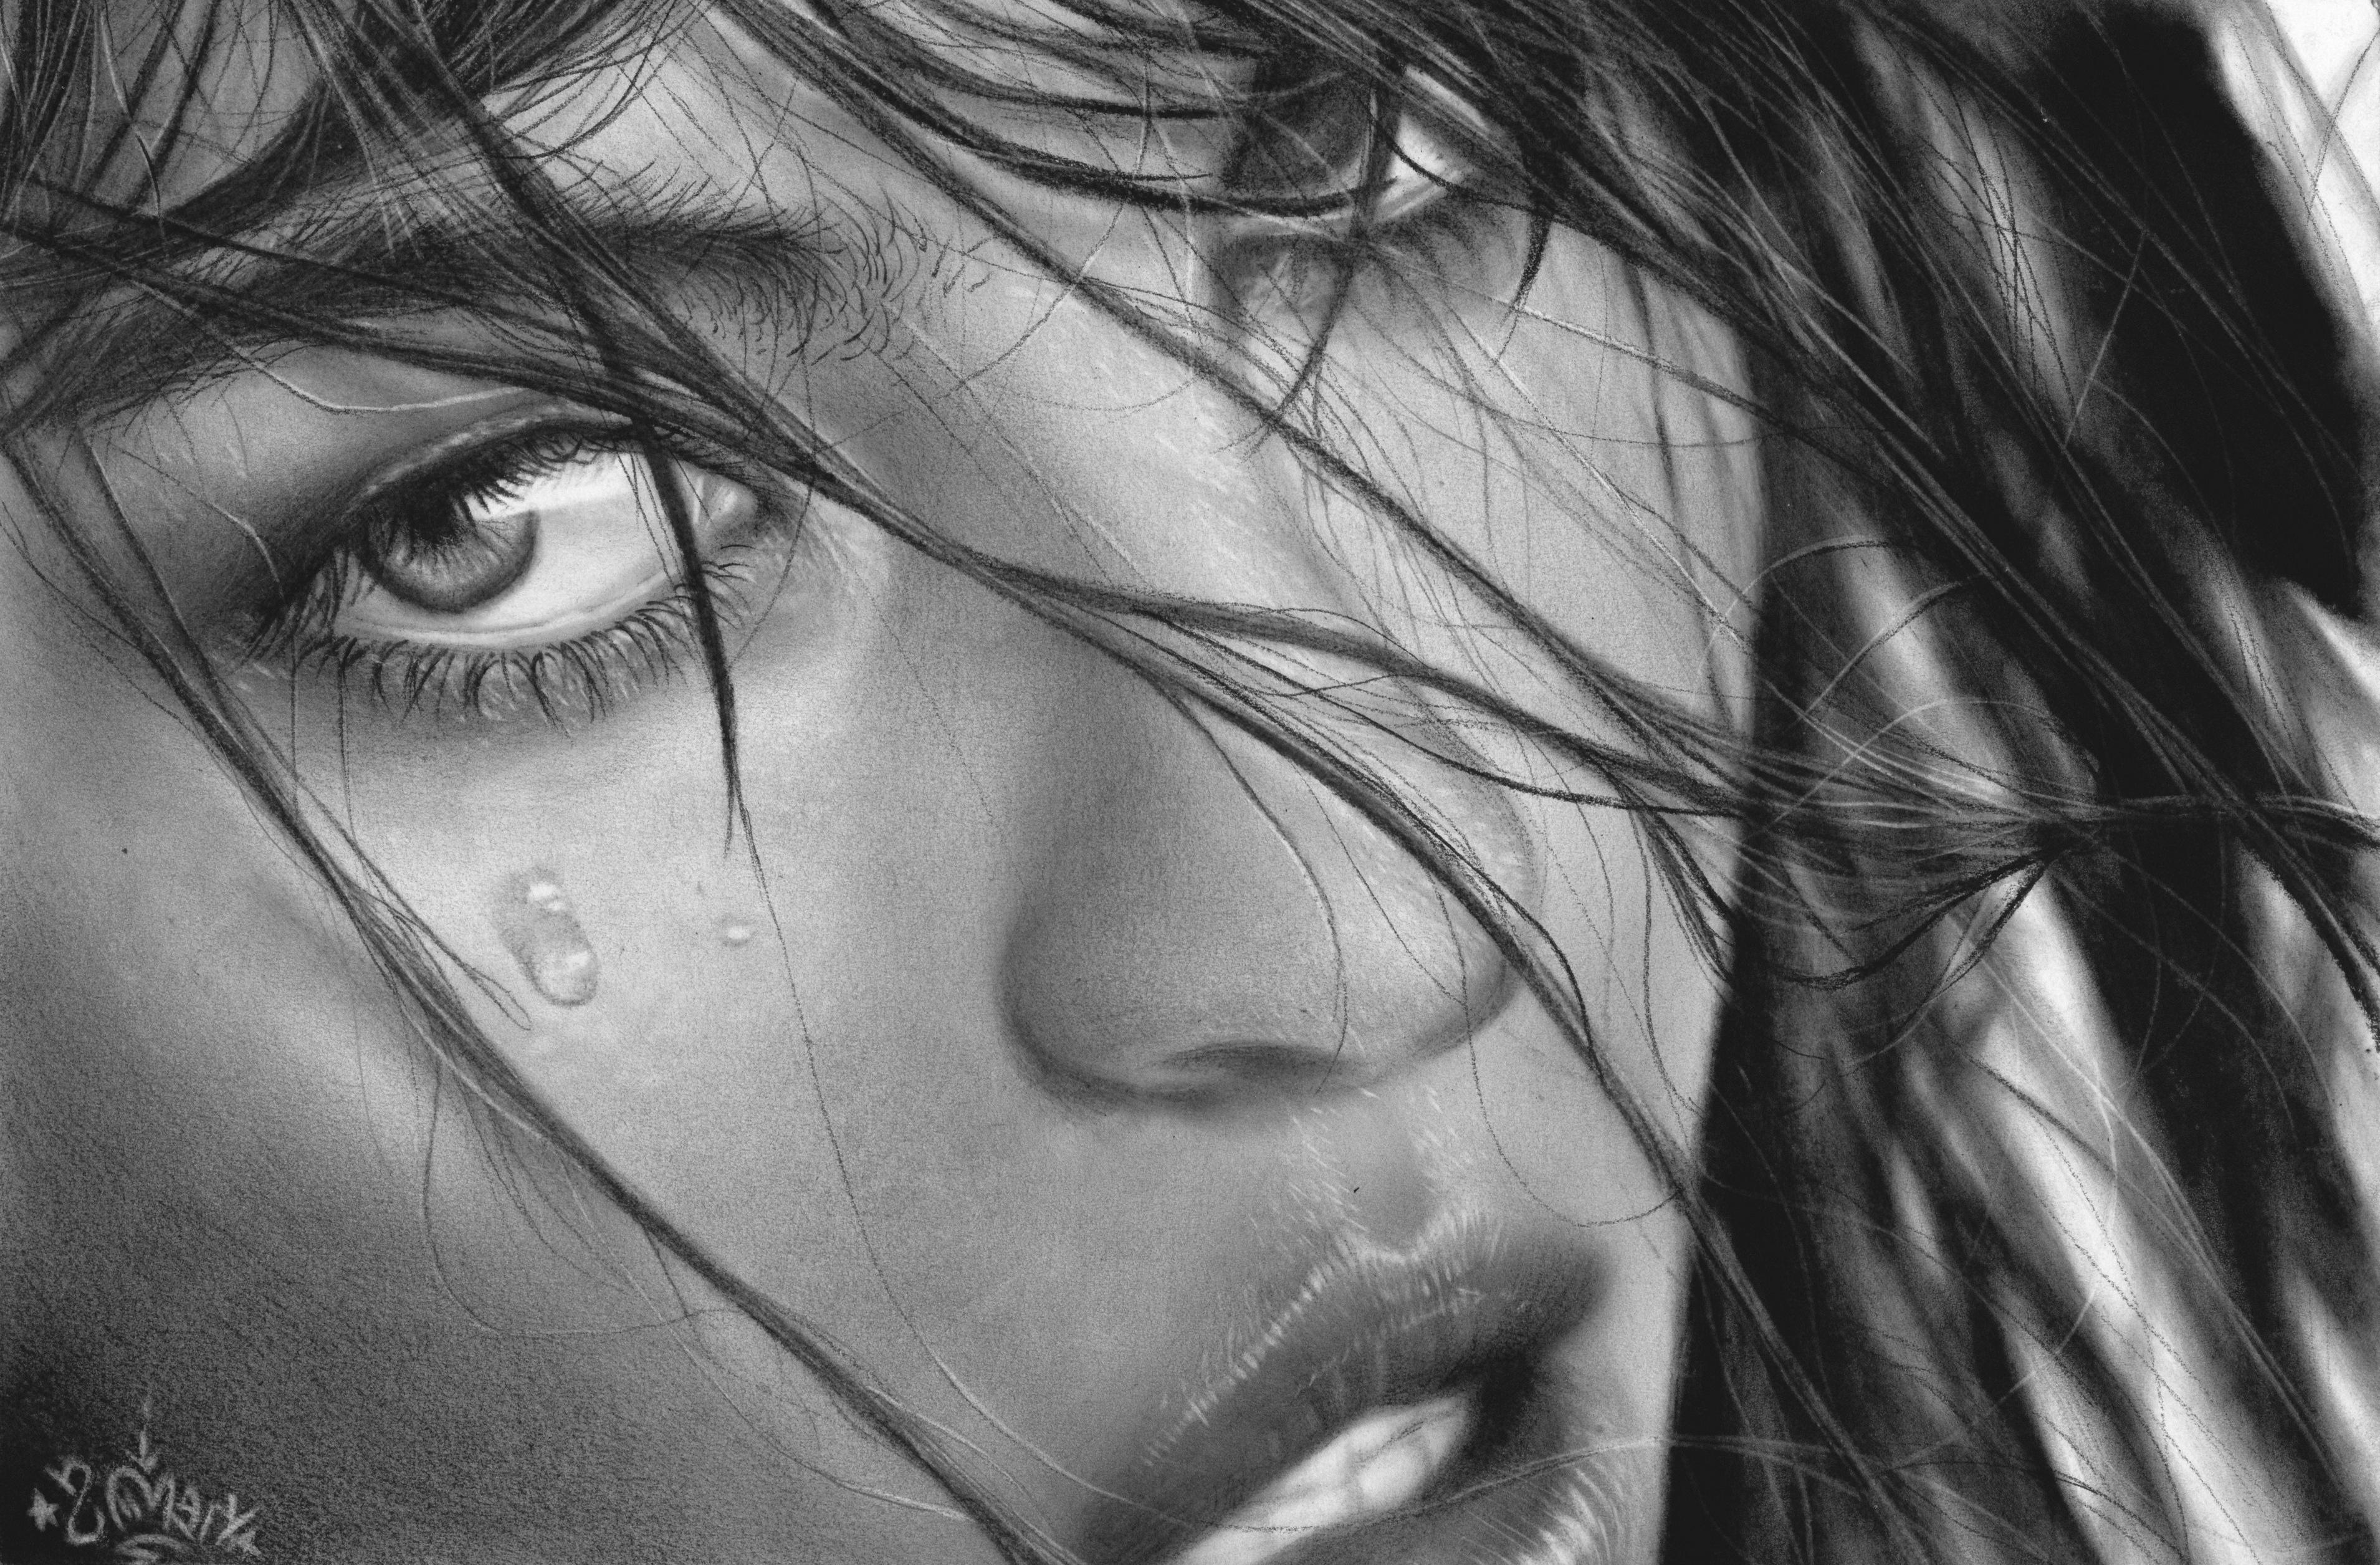 грустные черно белые картинки со слезами река